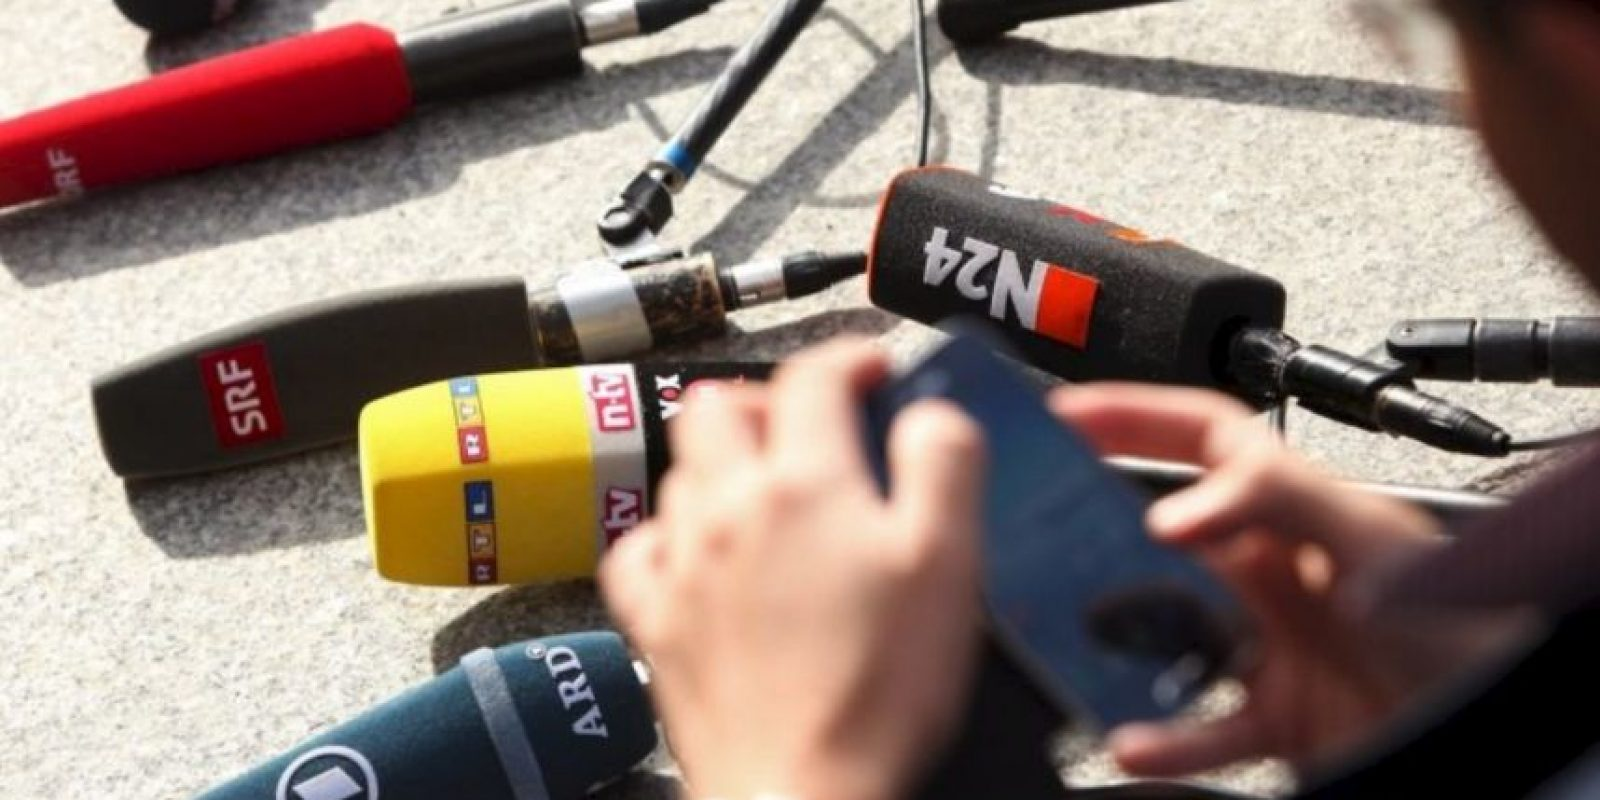 Reporteros y corresponsales – 11.4% Foto: Getty Images. Imagen Por: